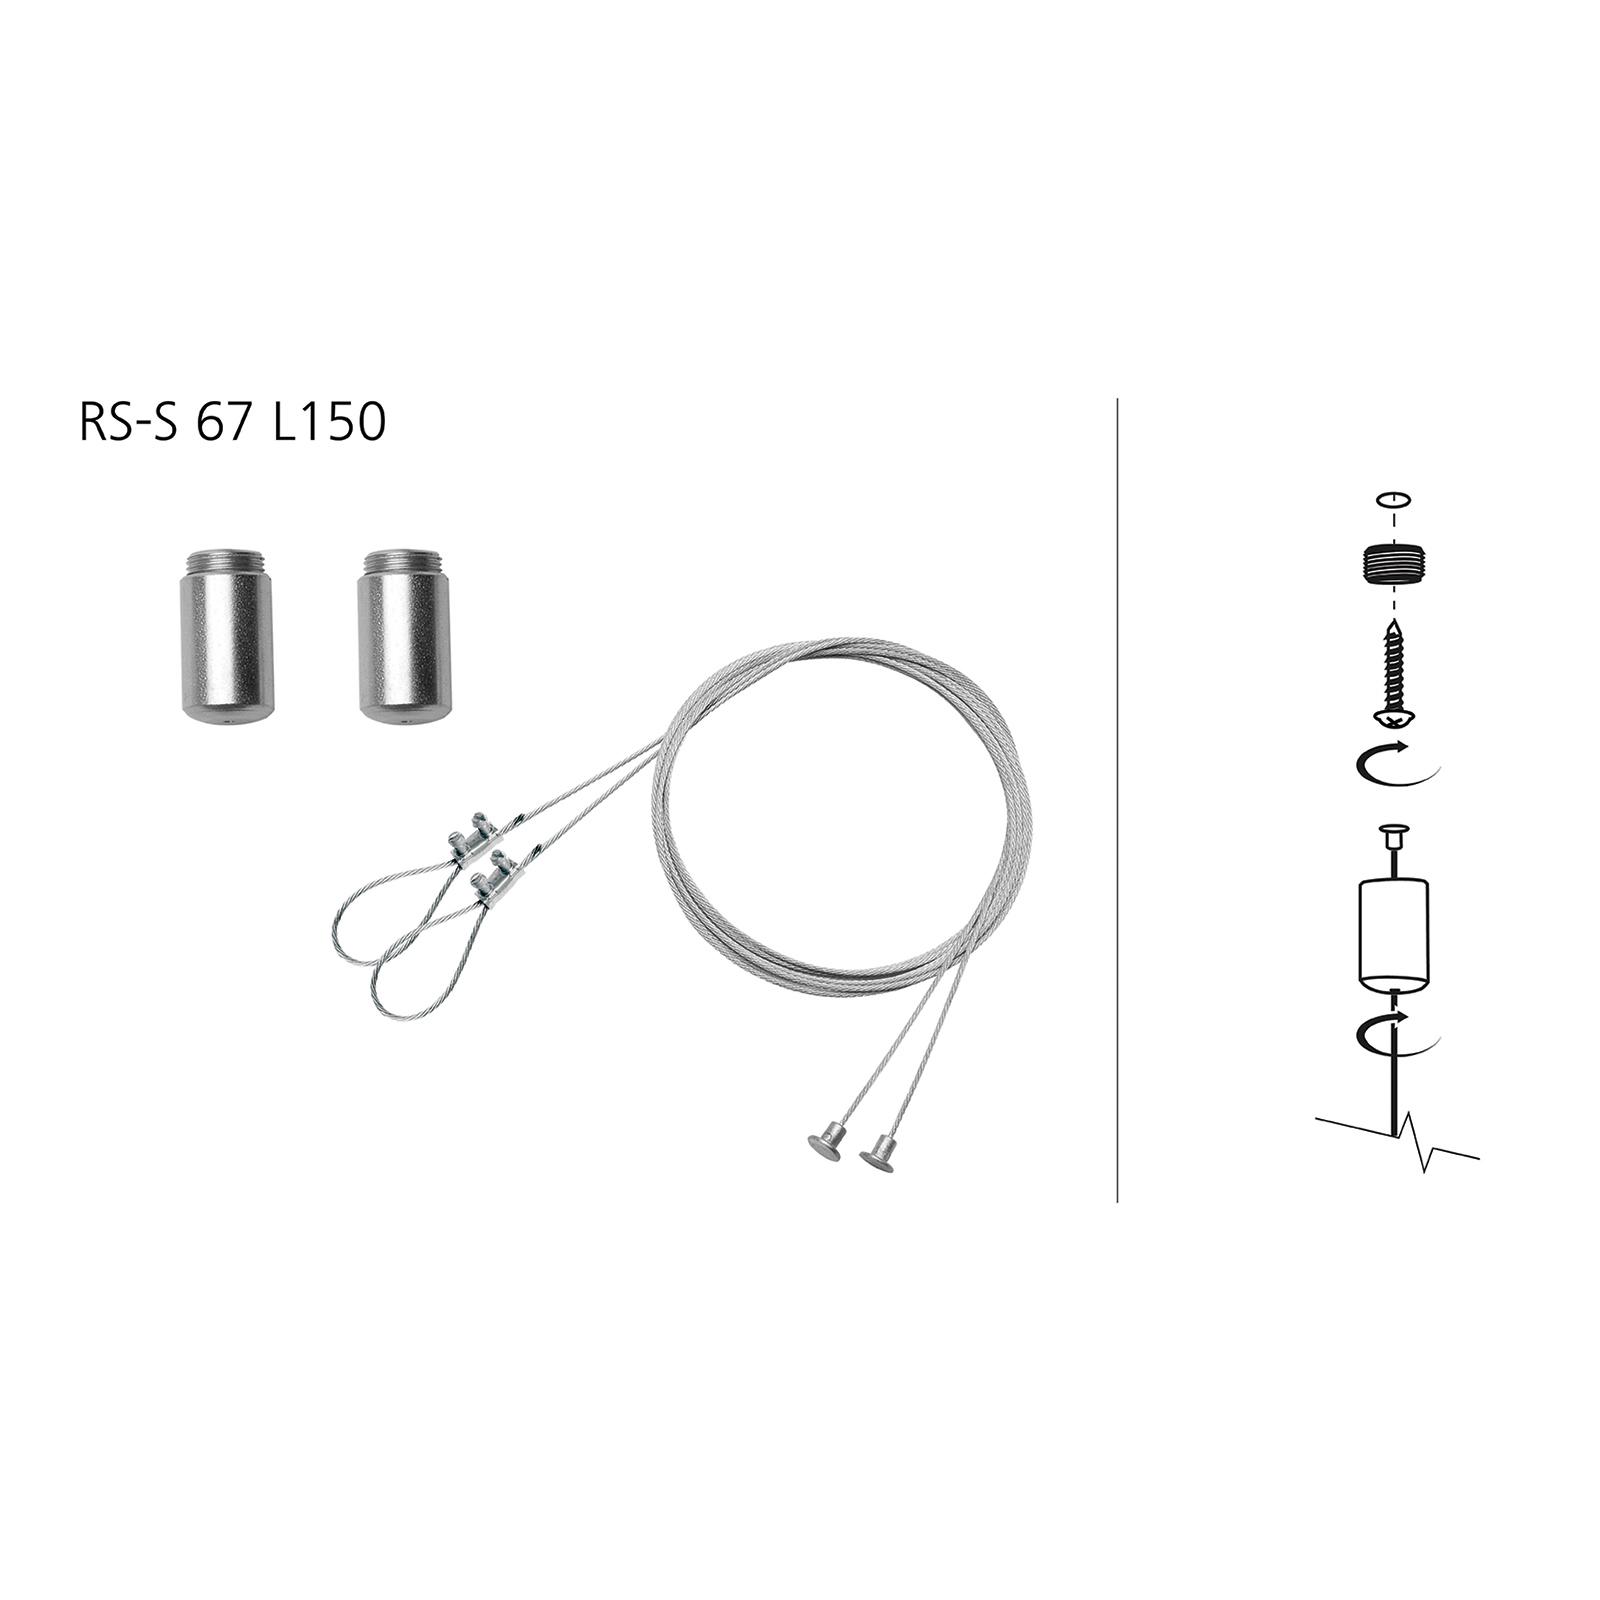 Touwophanging voor vochtbestendige lamp Oria II